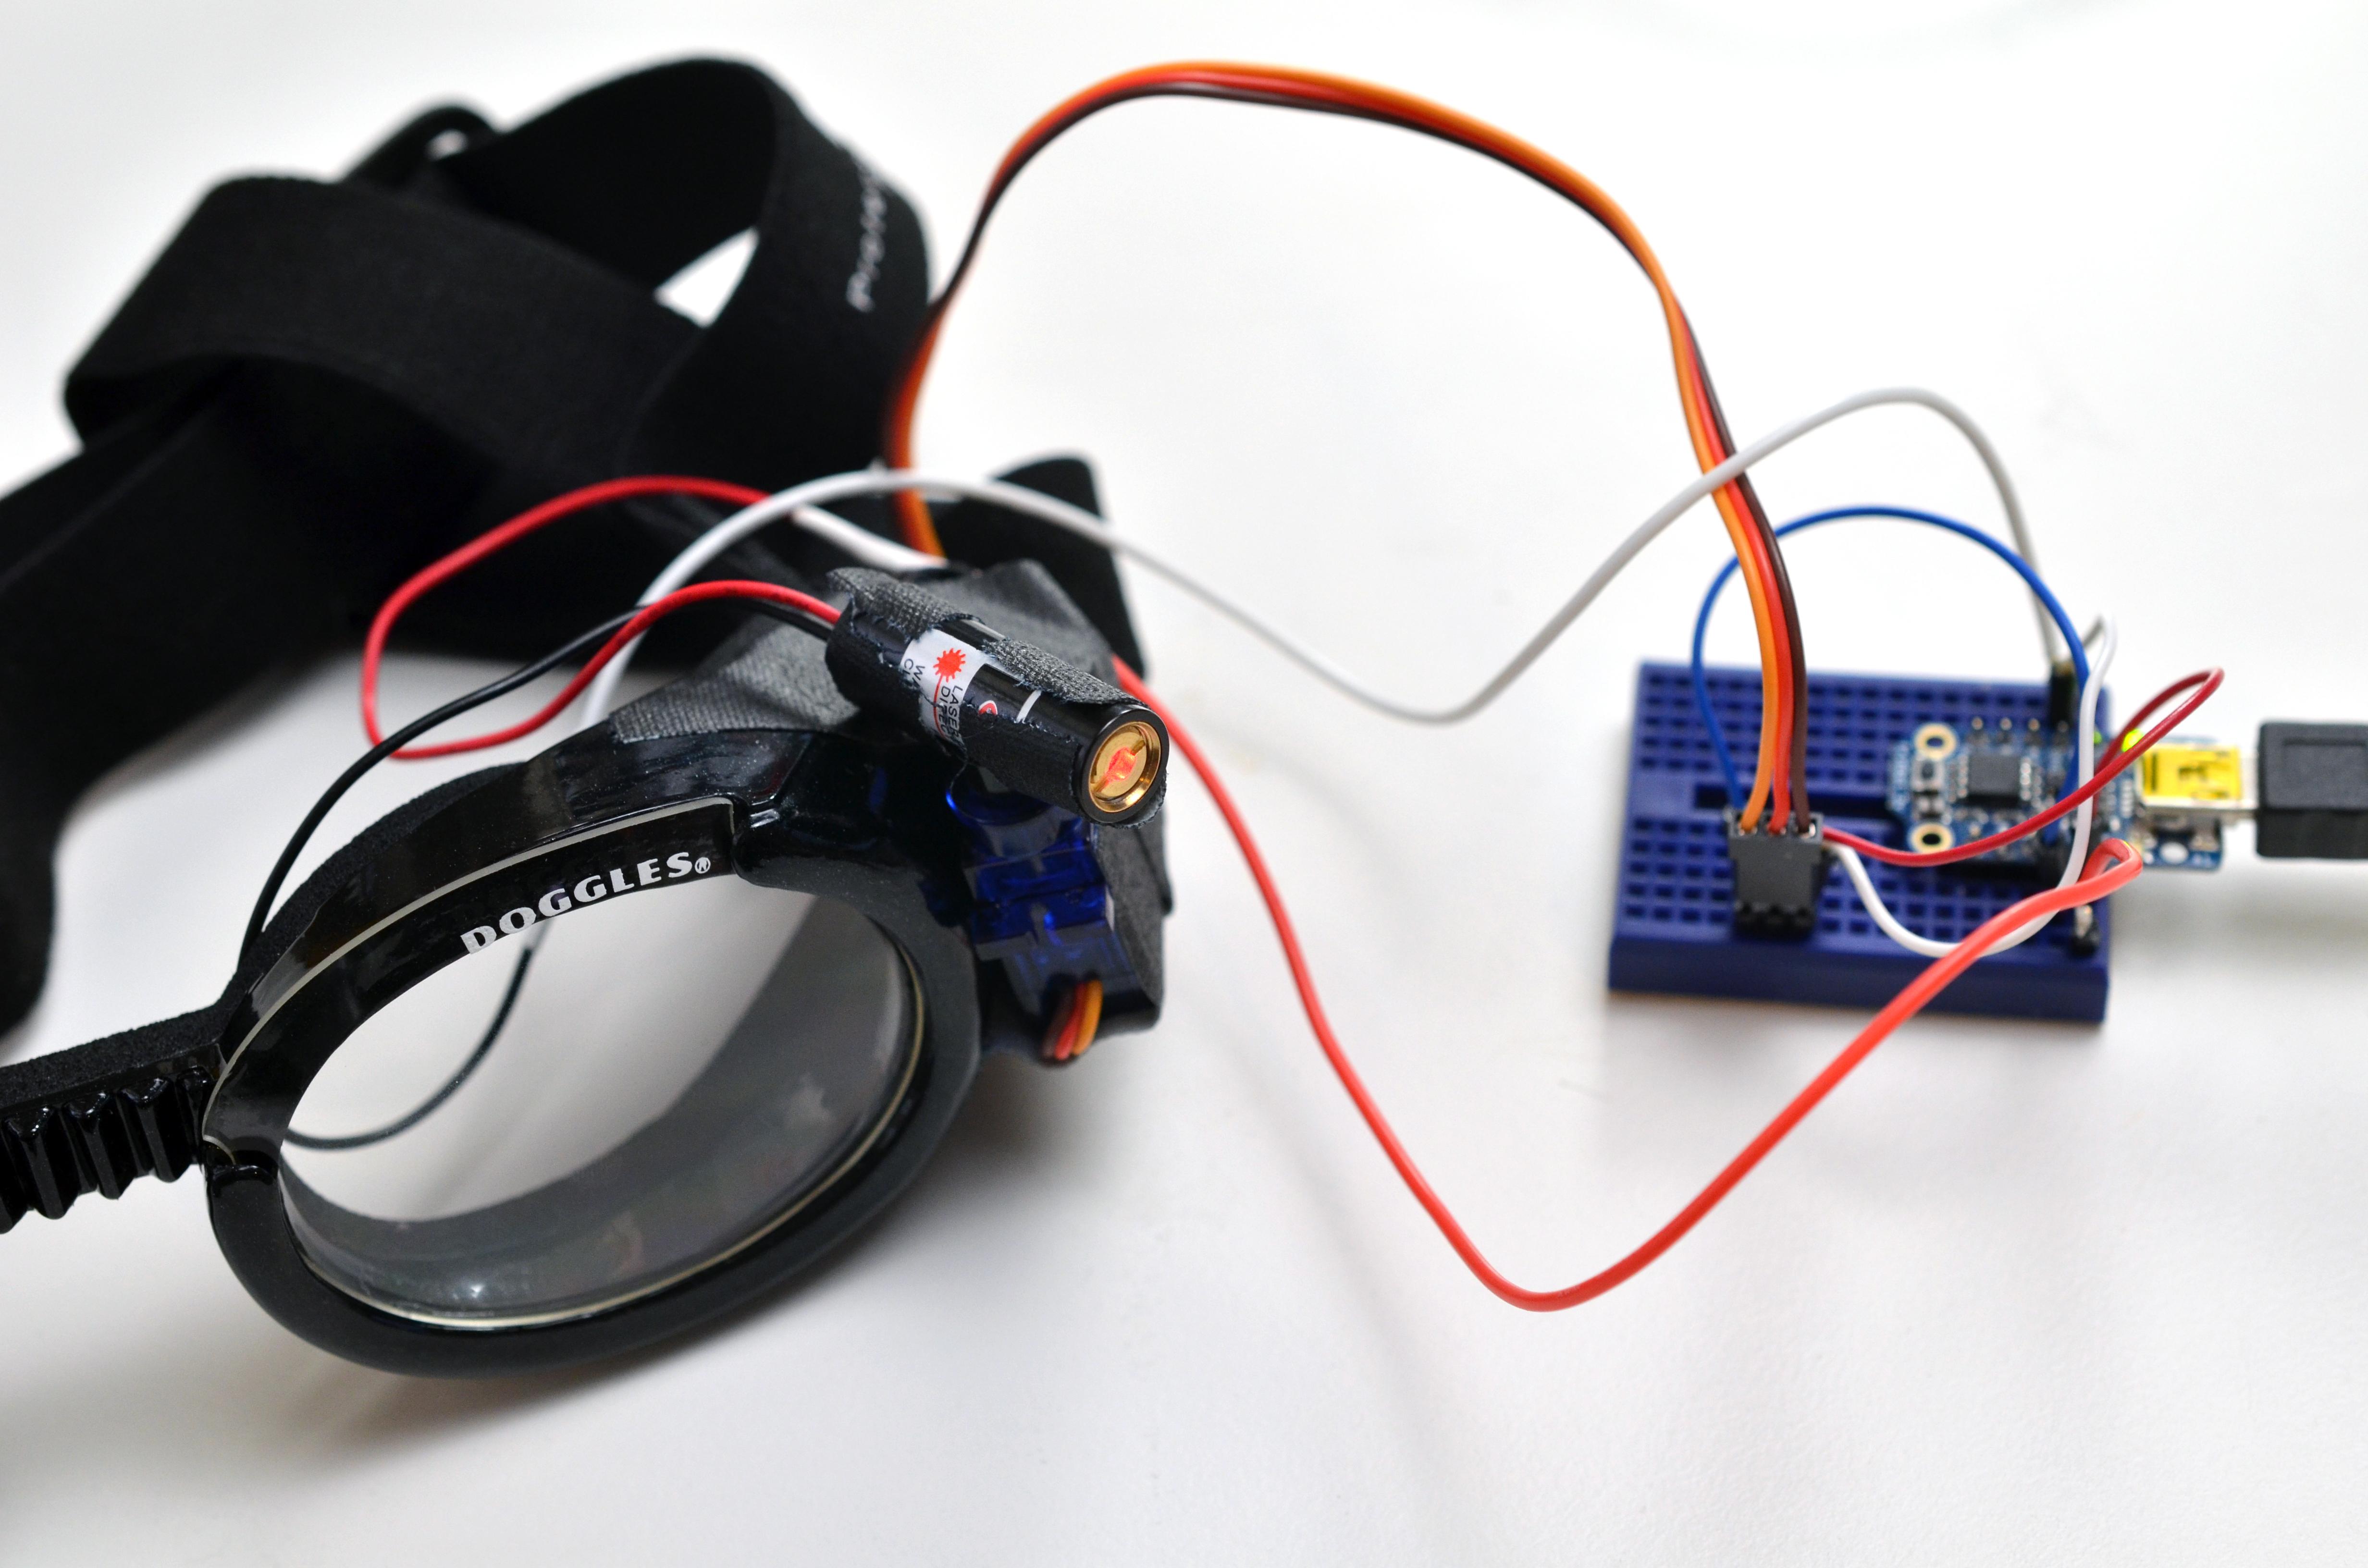 trinket_laser-dog-goggles-03.jpg